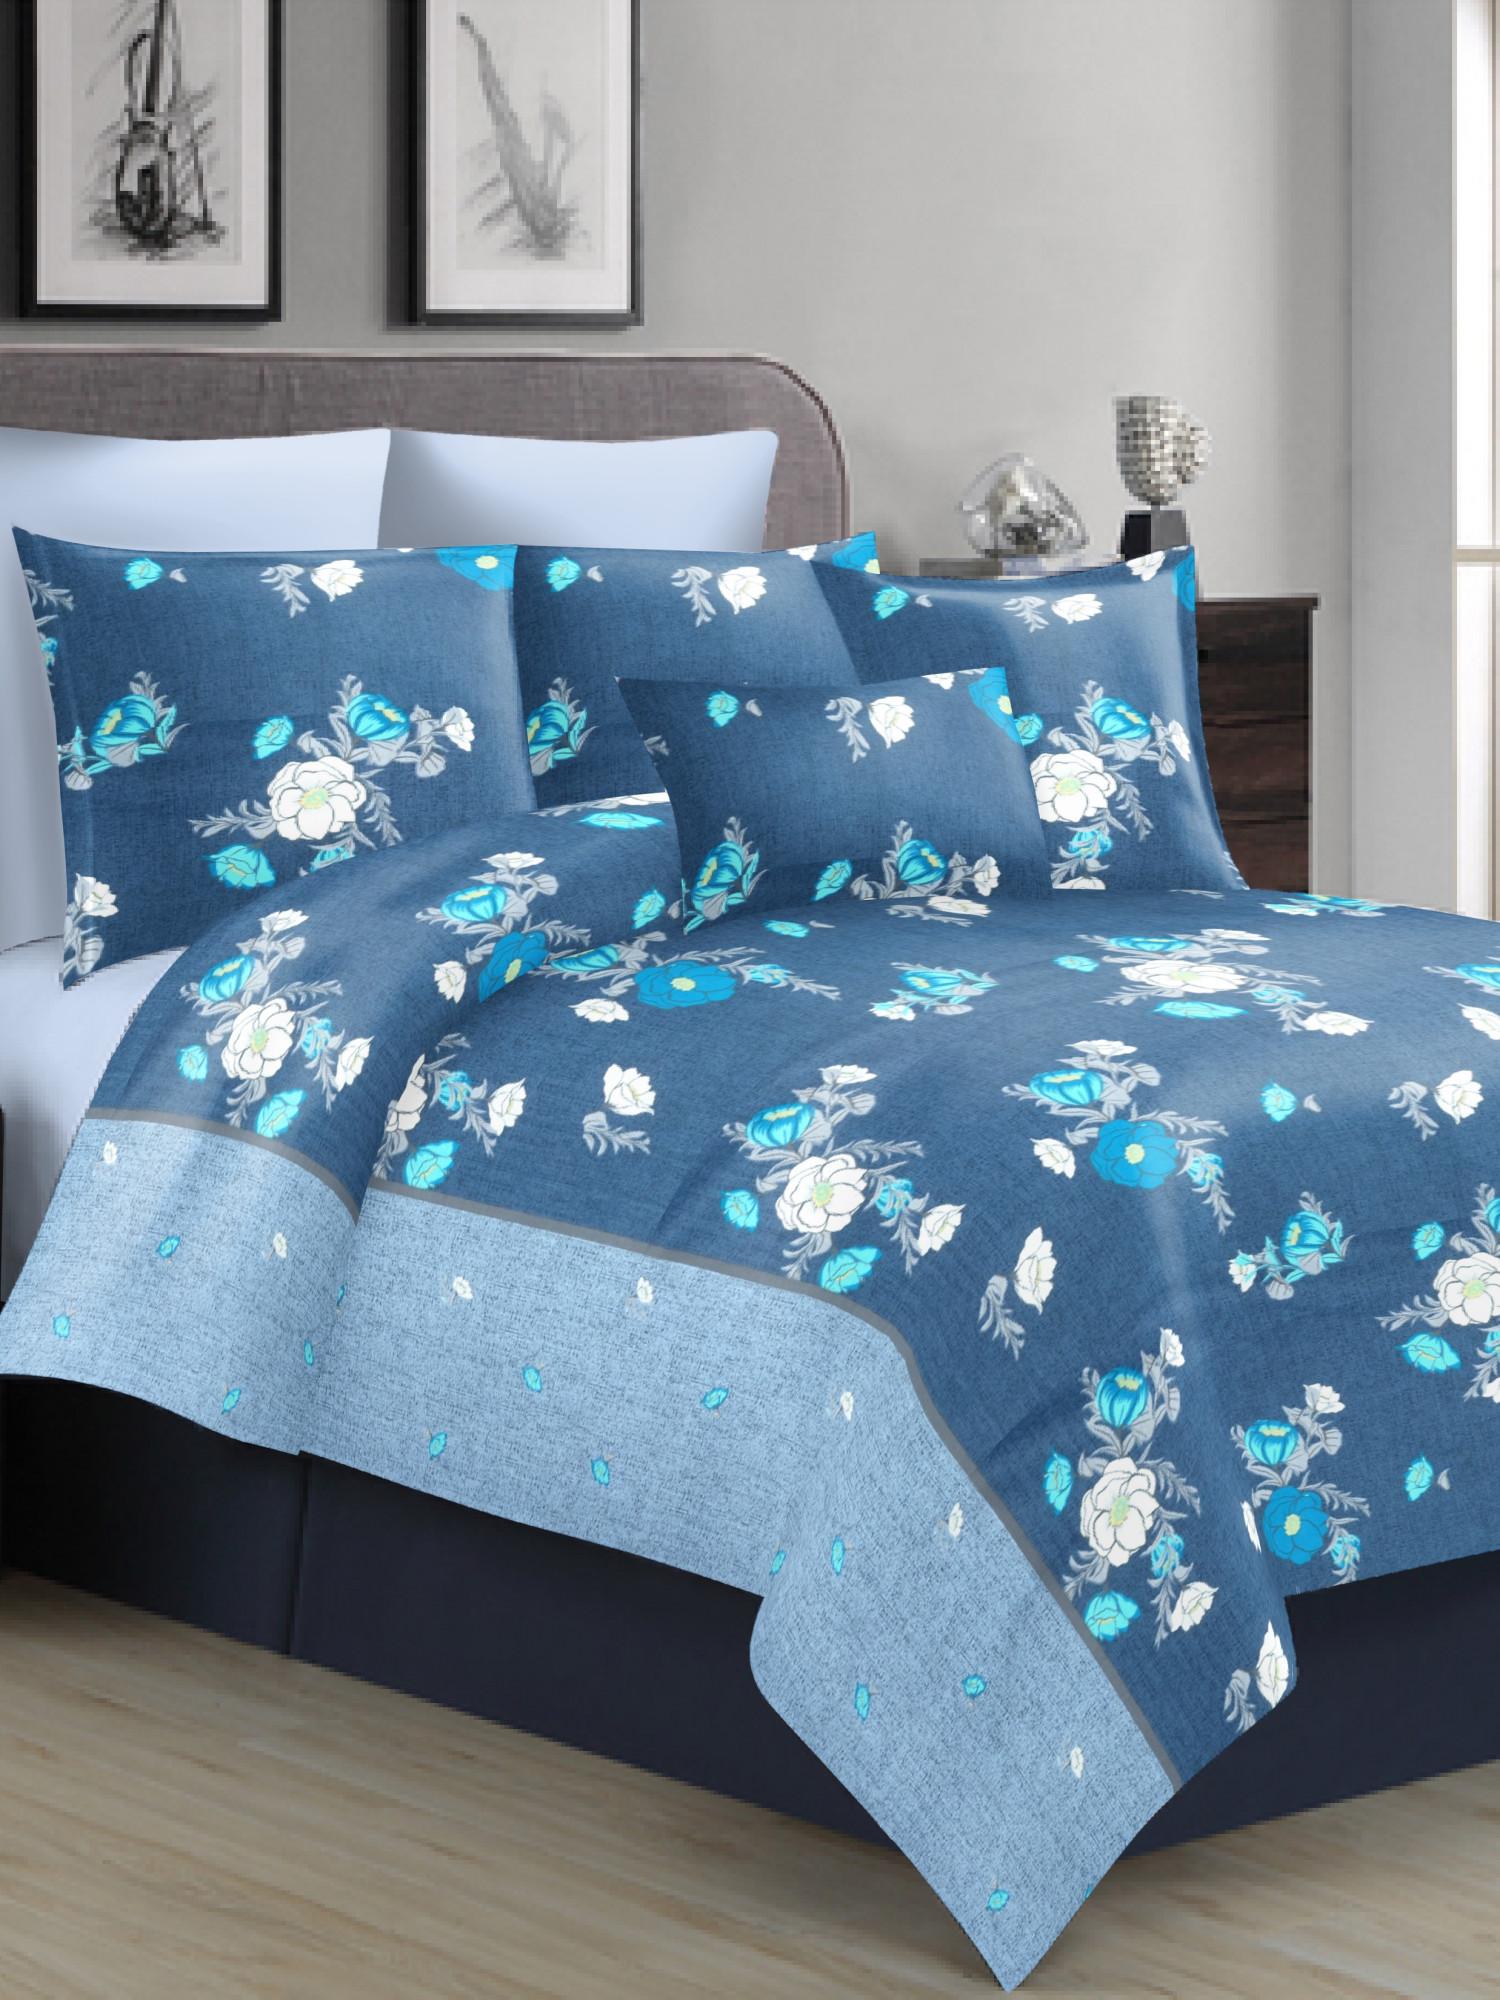 Floral Bedsheet